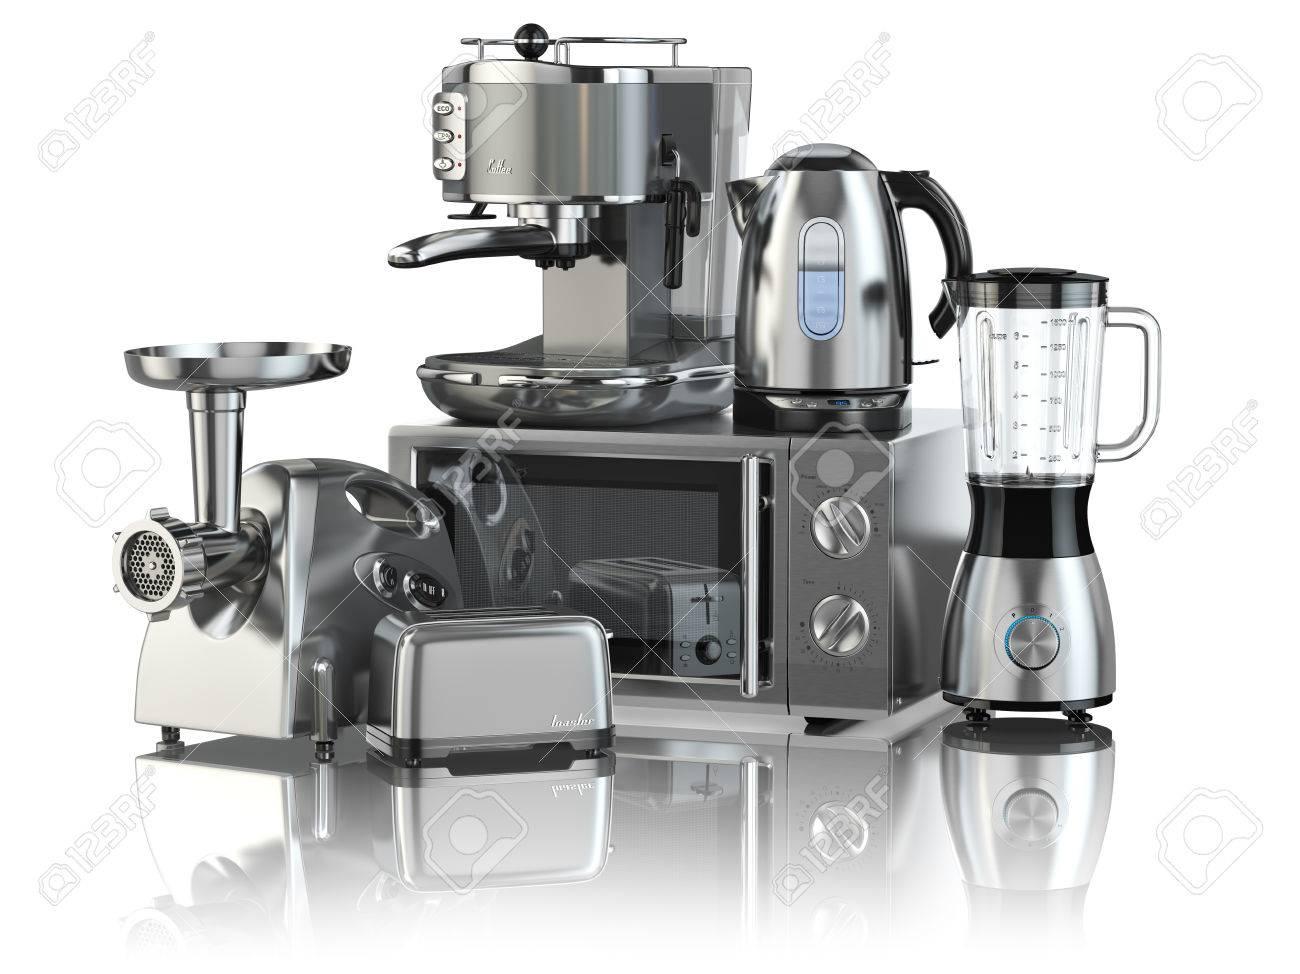 Elettrodomestici da cucina. Frullatore, tostapane, macchina per il caffè,  Ginder carne, forno a microonde e bollitore isolati su bianco. 3d